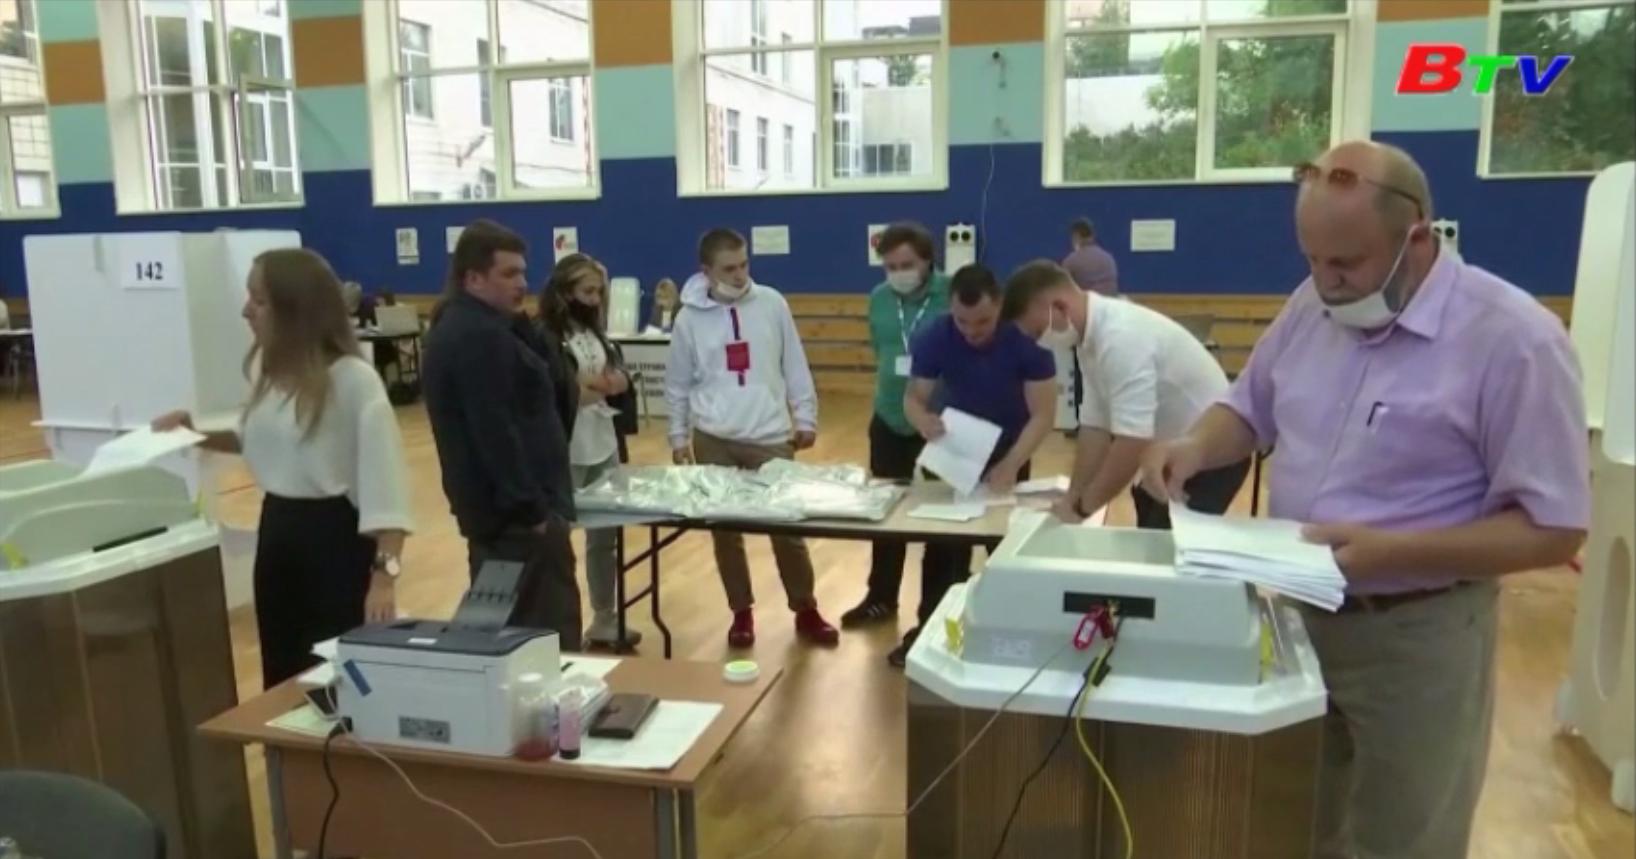 77,92% cử tri ủng hộ việc sửa đổi Hiến pháp Nga